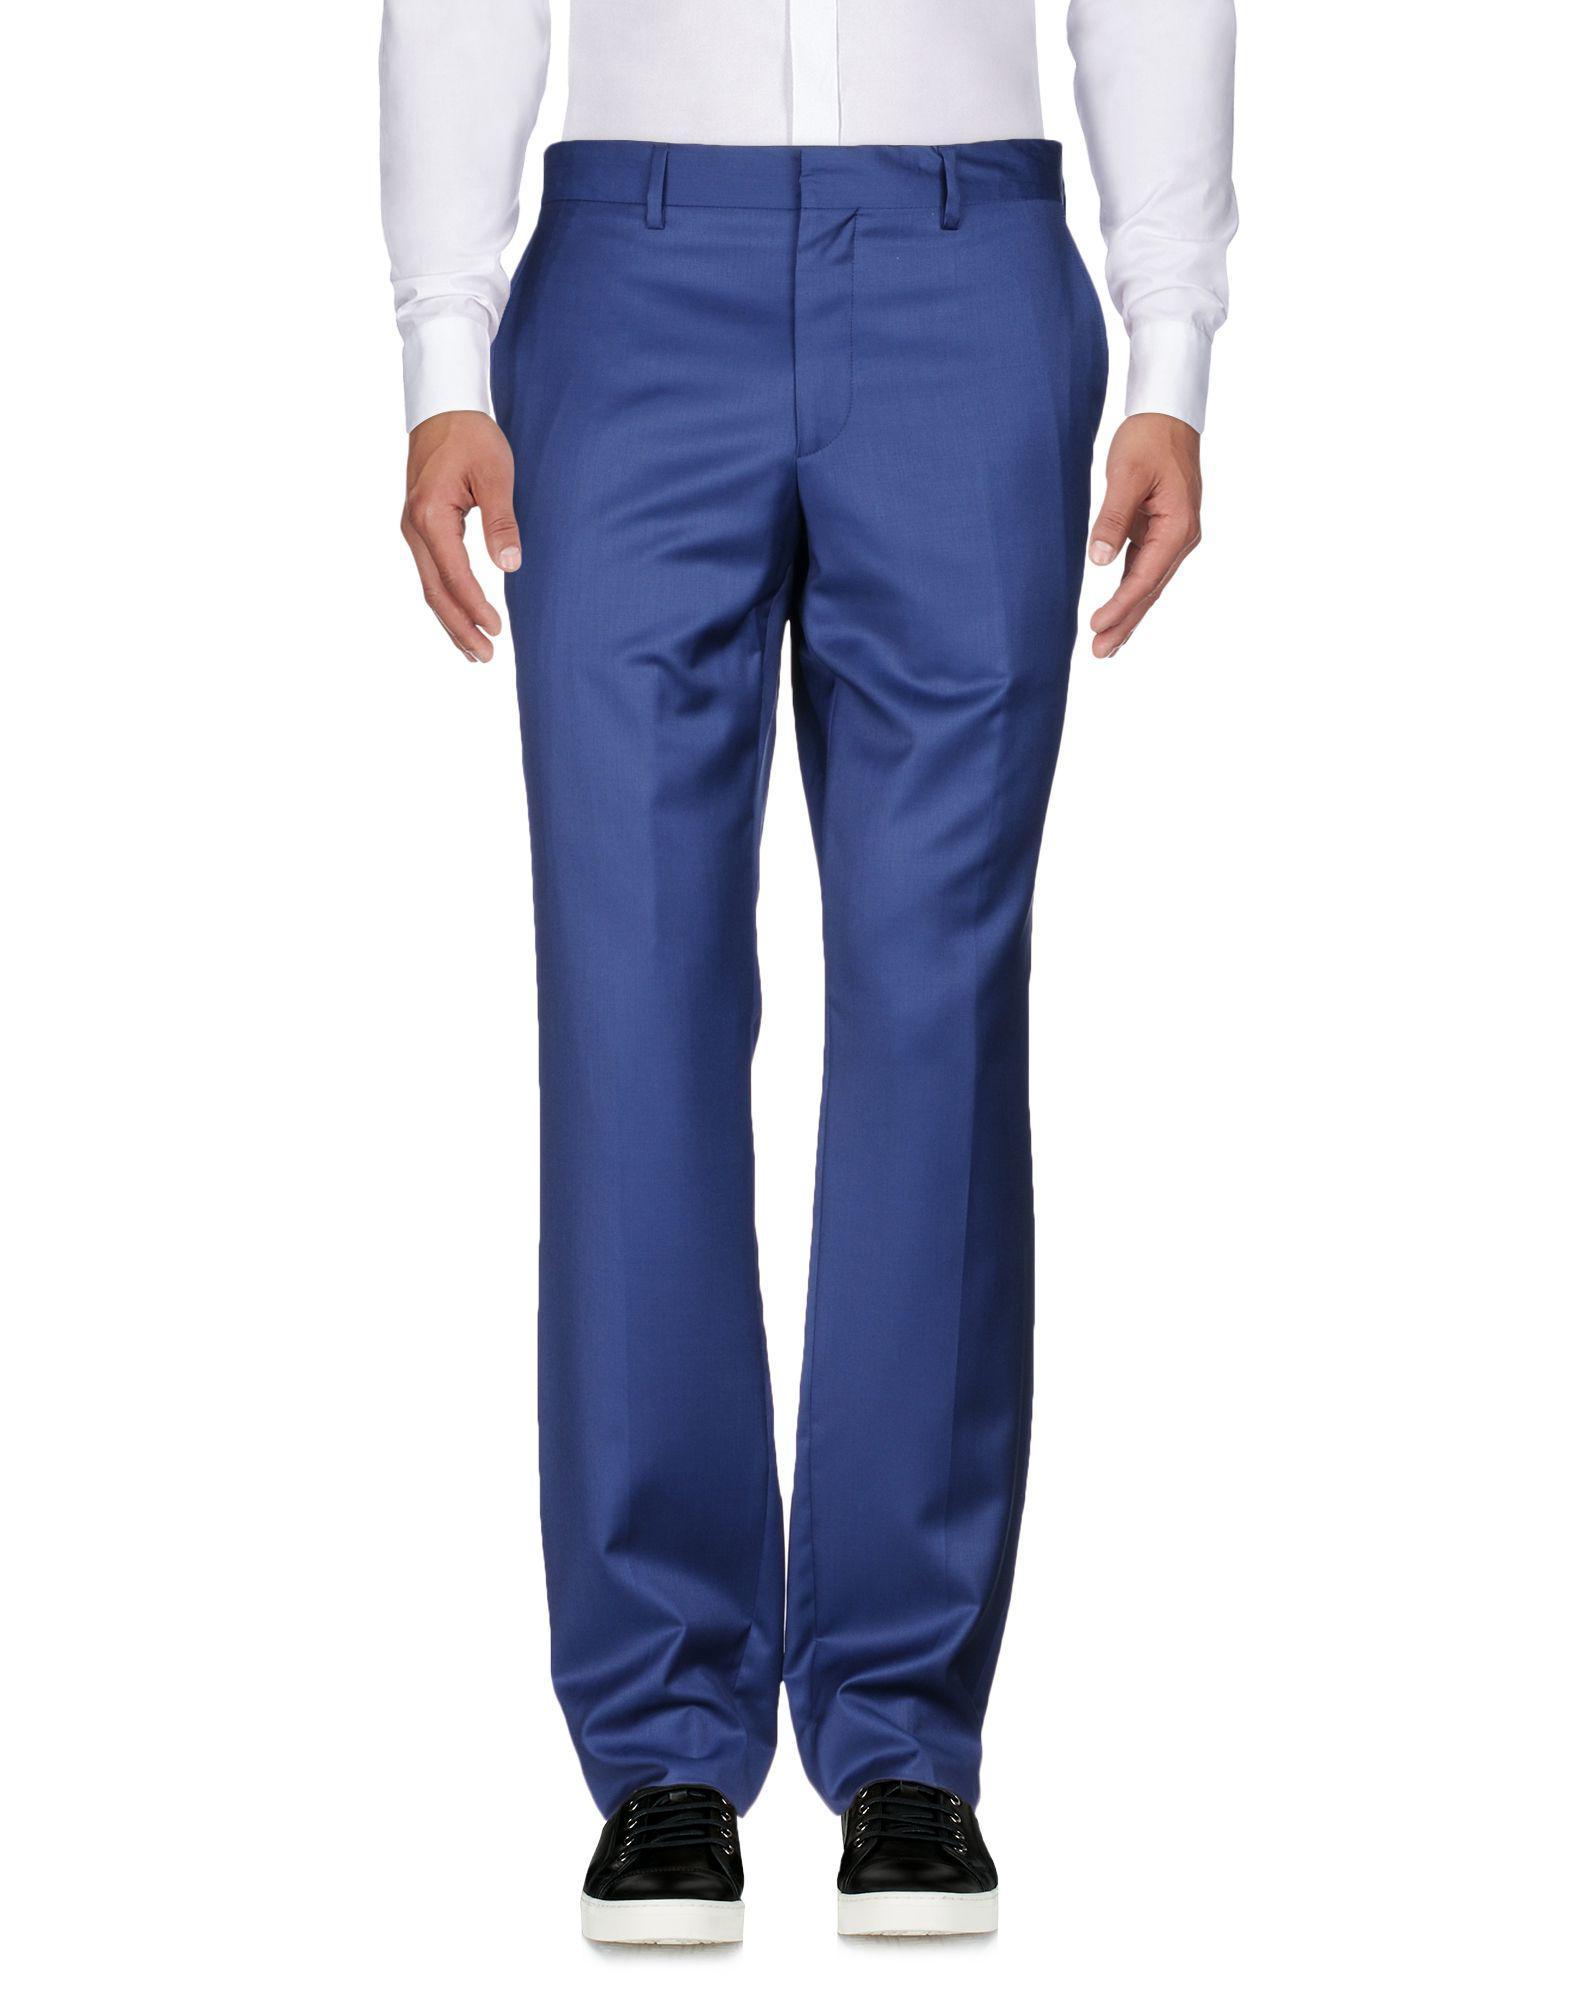 Lyst - Pantalon Versace pour homme en coloris Bleu e3e0e599f64